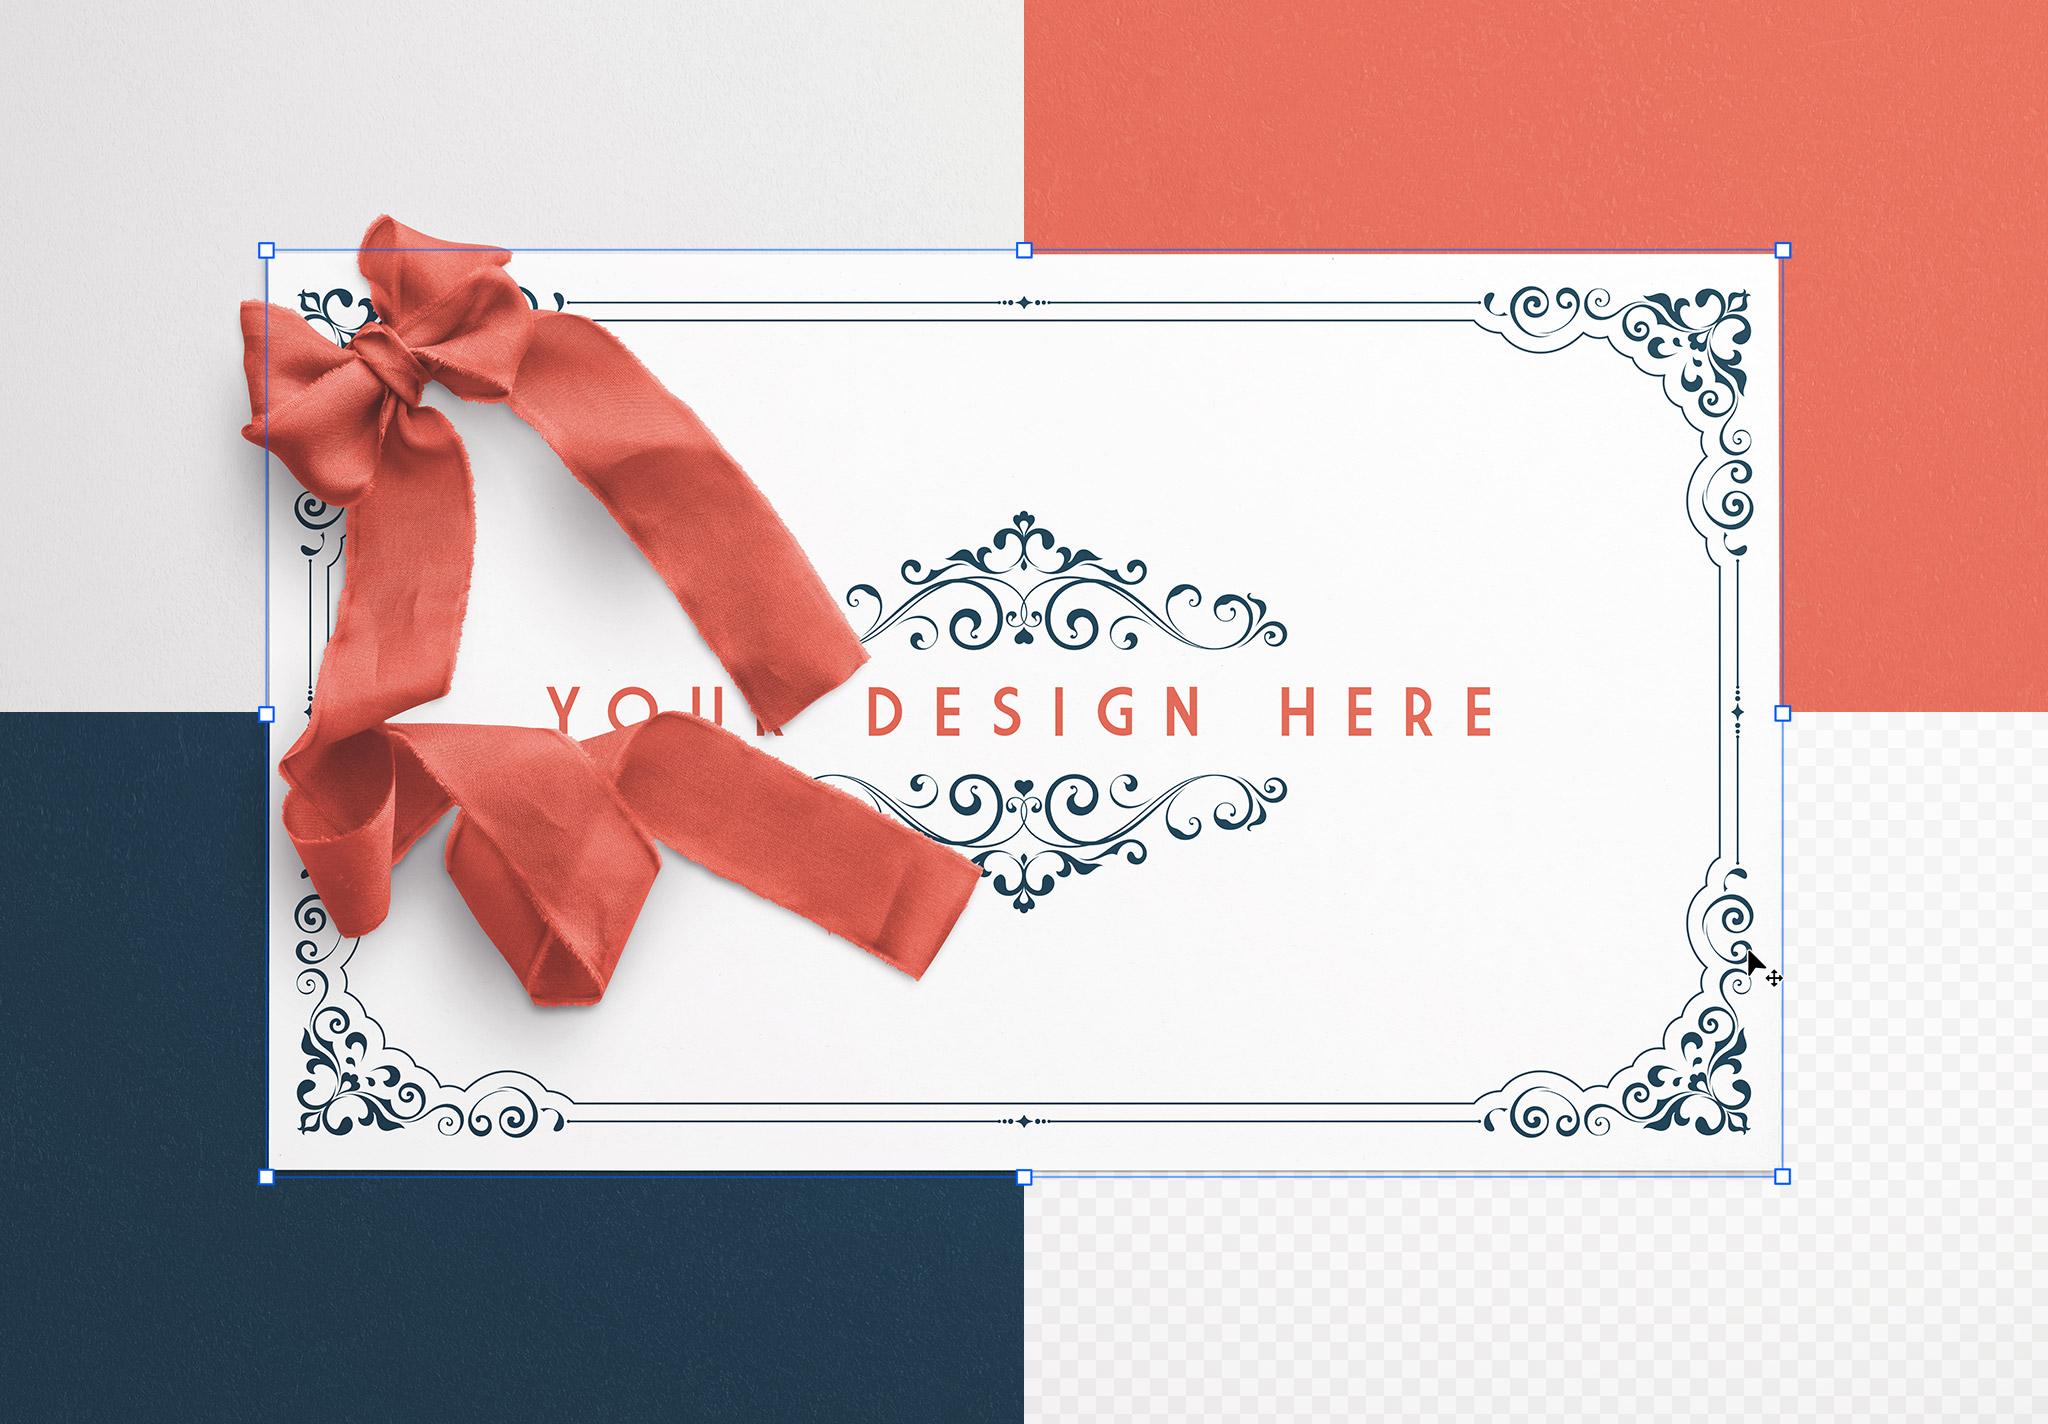 Card With Ribbons Mockup 2 image02